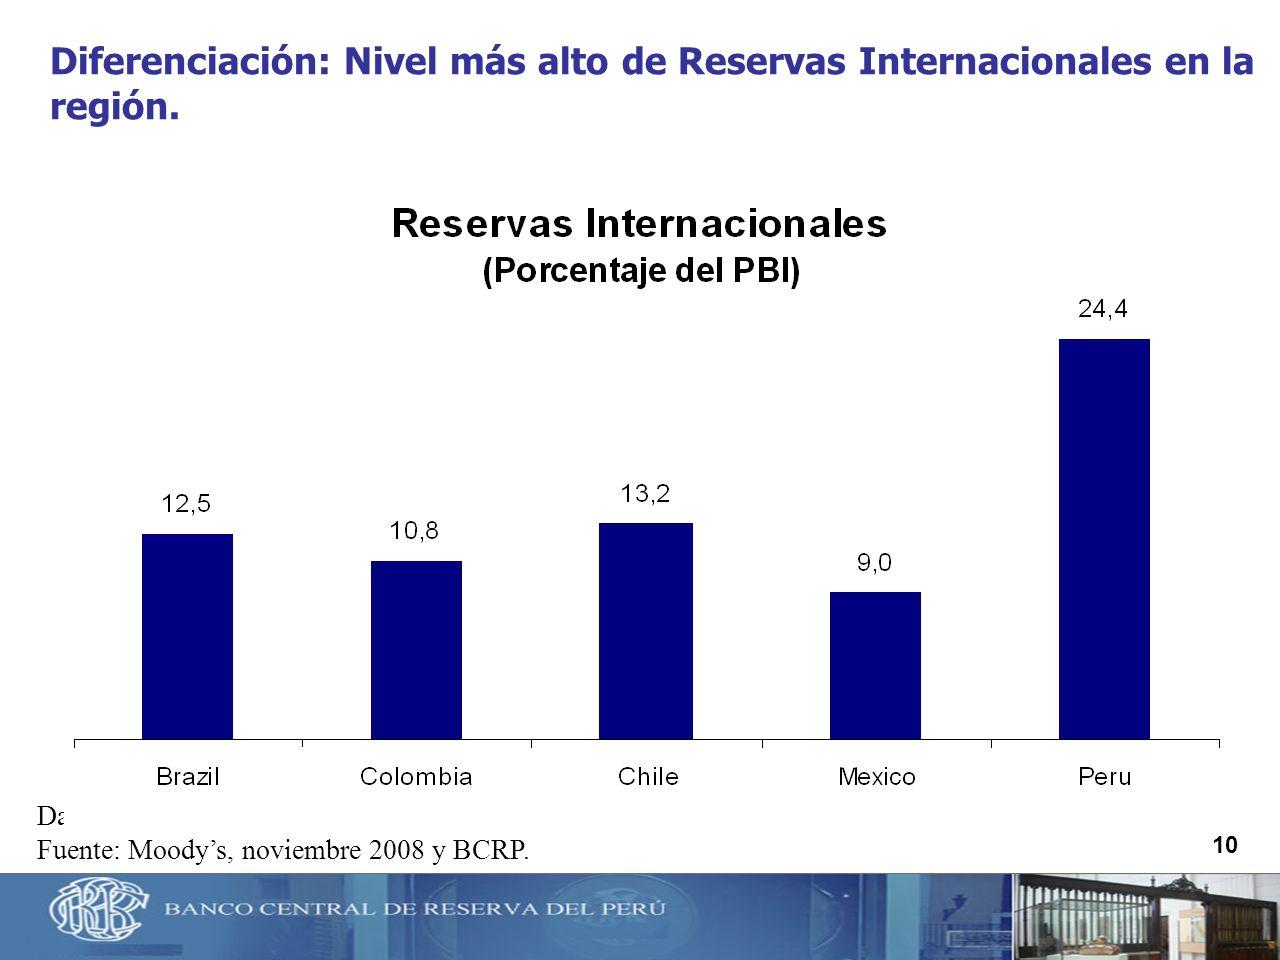 10 Diferenciación: Nivel más alto de Reservas Internacionales en la región. Datos proyectados para el 2008. Fuente: Moodys, noviembre 2008 y BCRP.